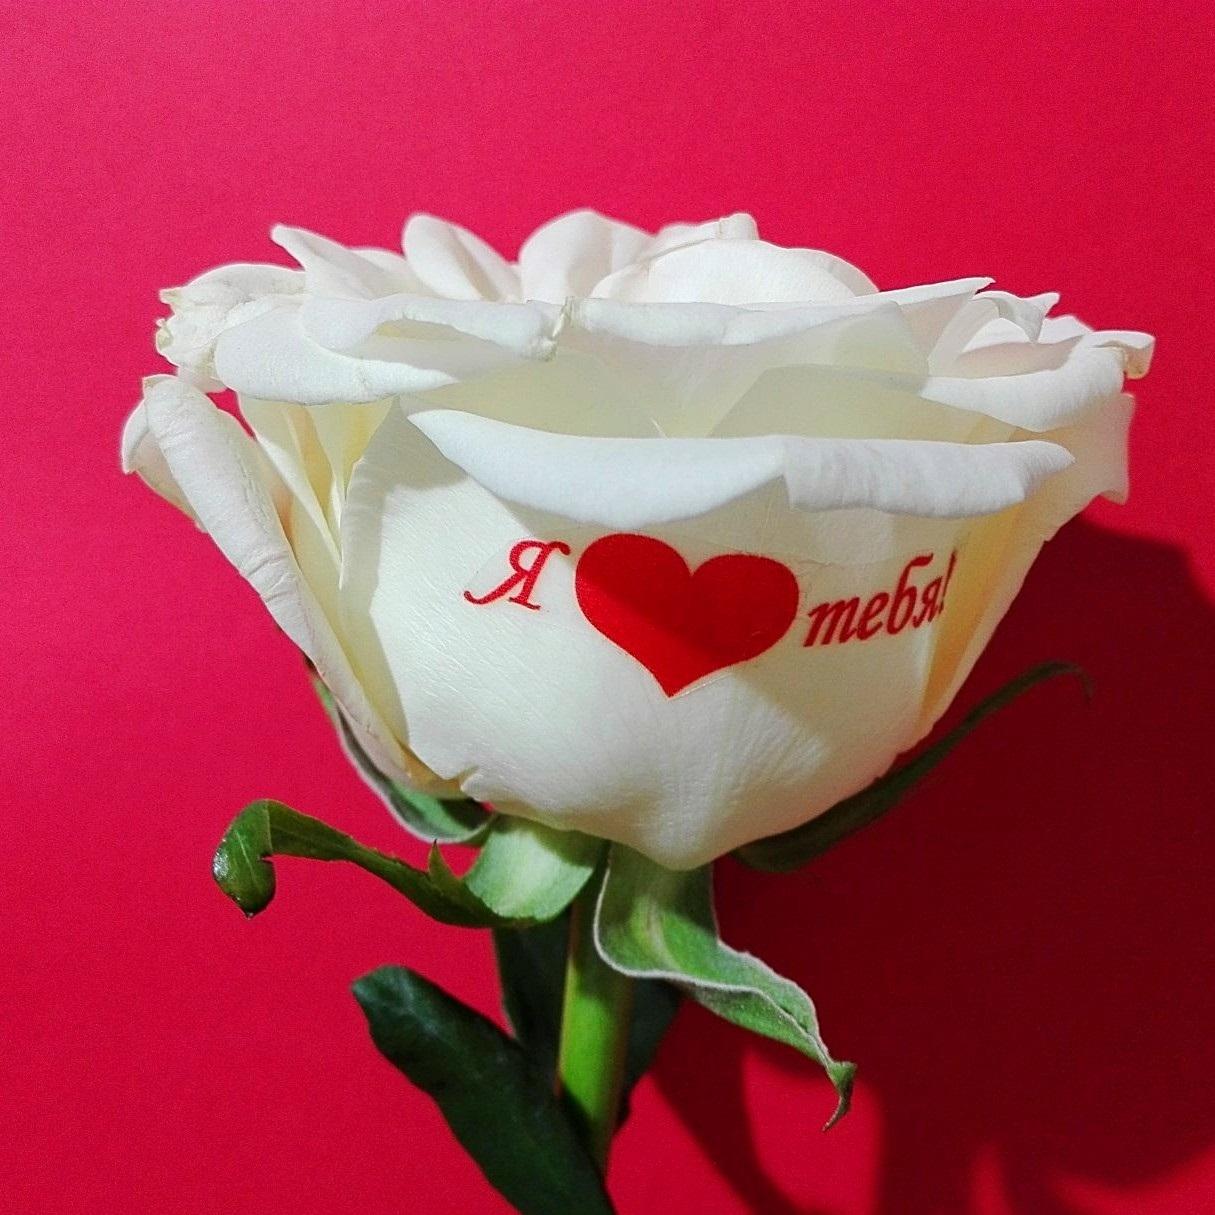 Картинки с розами с надписями жене, спасибо лилиями красивые